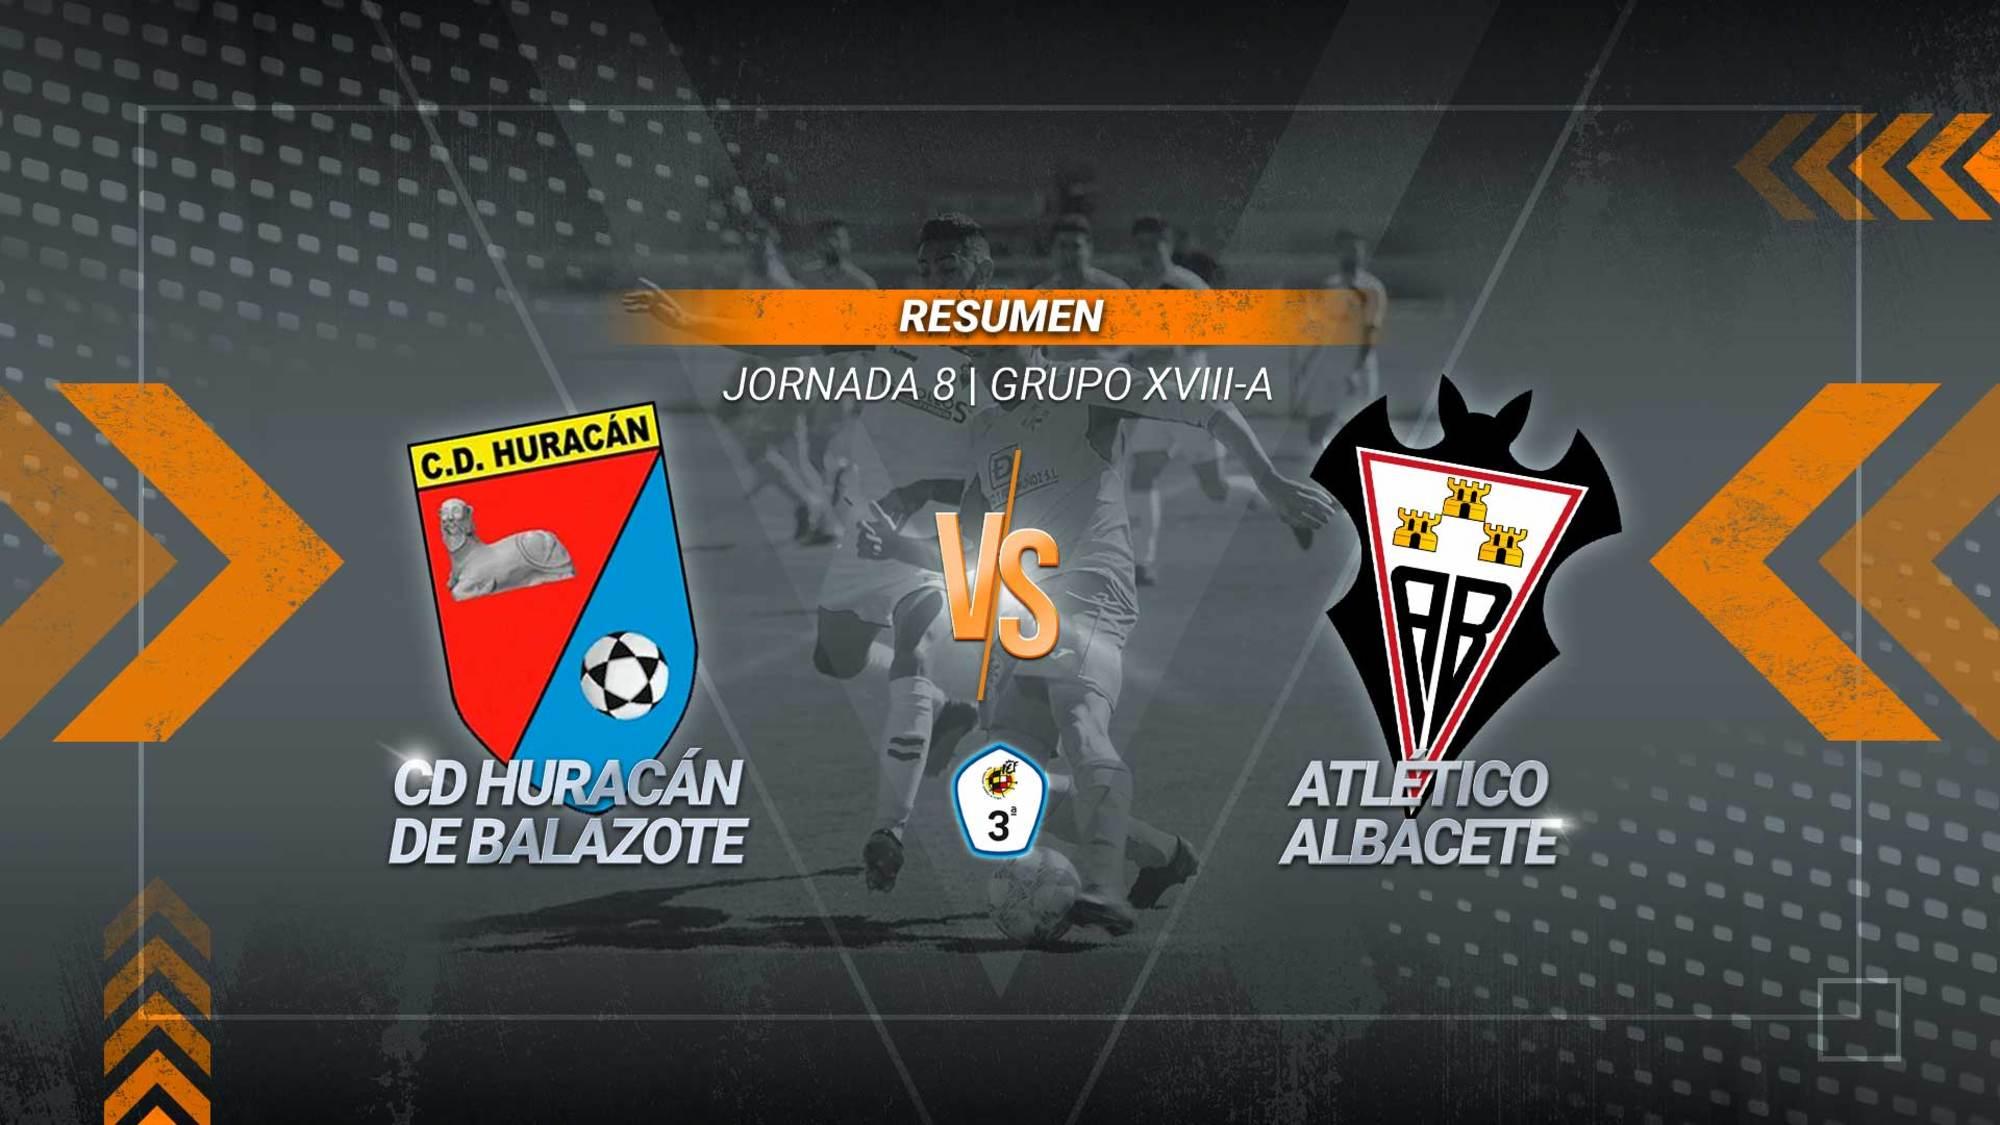 El Atlético Albacete golea al Huracán y es el nuevo líder del Subgrupo - A de tercera división. Los goles los anotaron Vargas, Toni Cuenca y Borja.